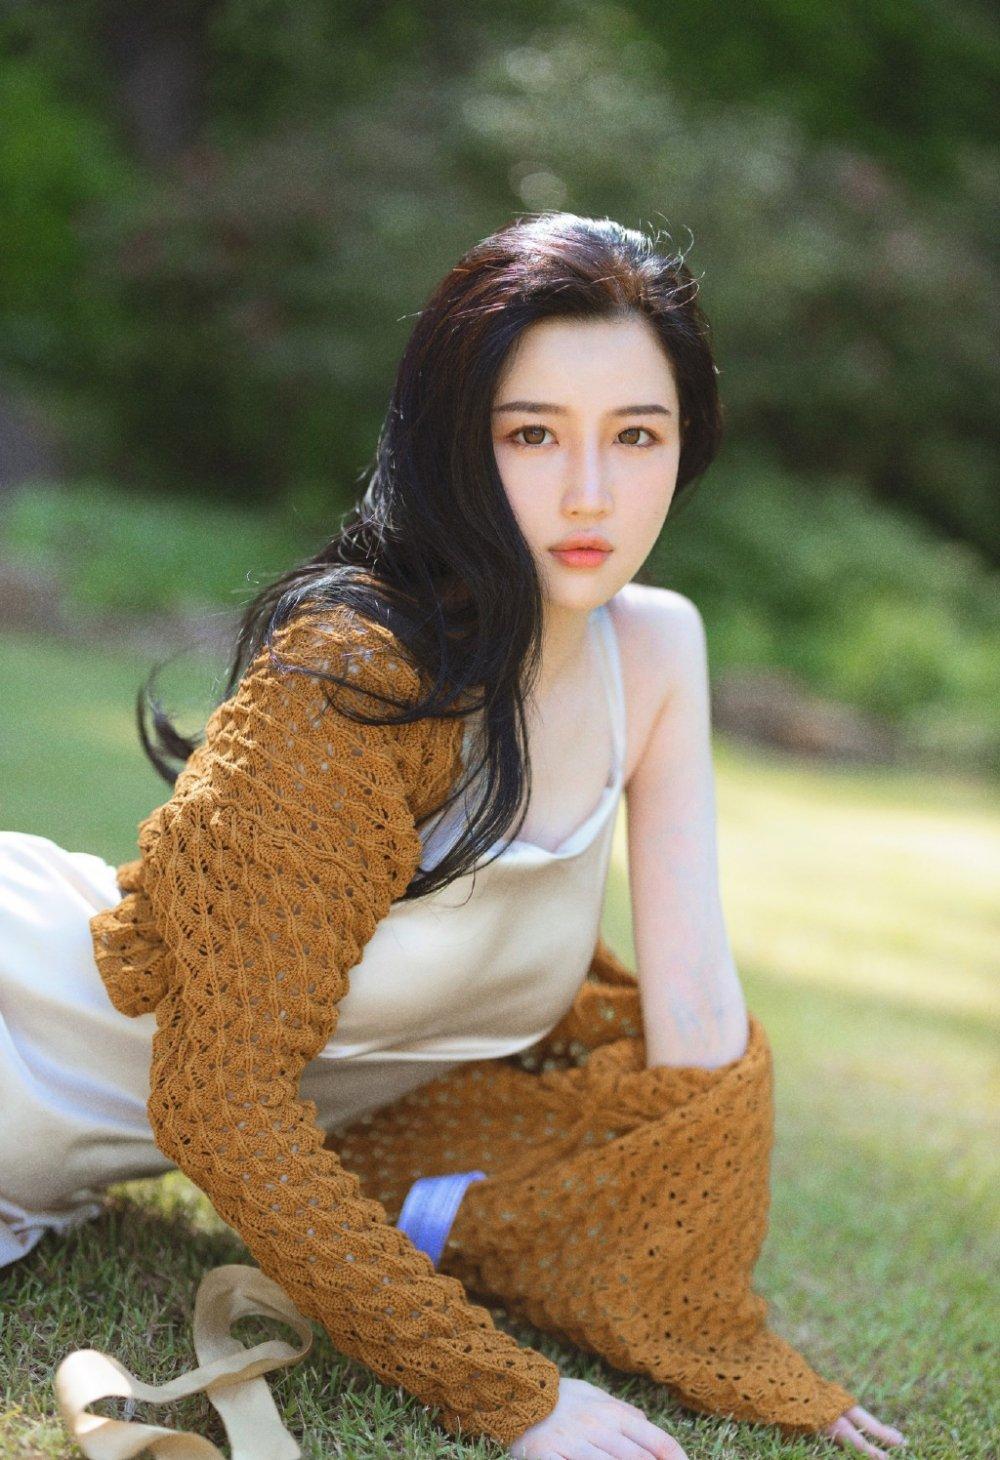 白皙动人女神吊带丝裙户外草坪写真